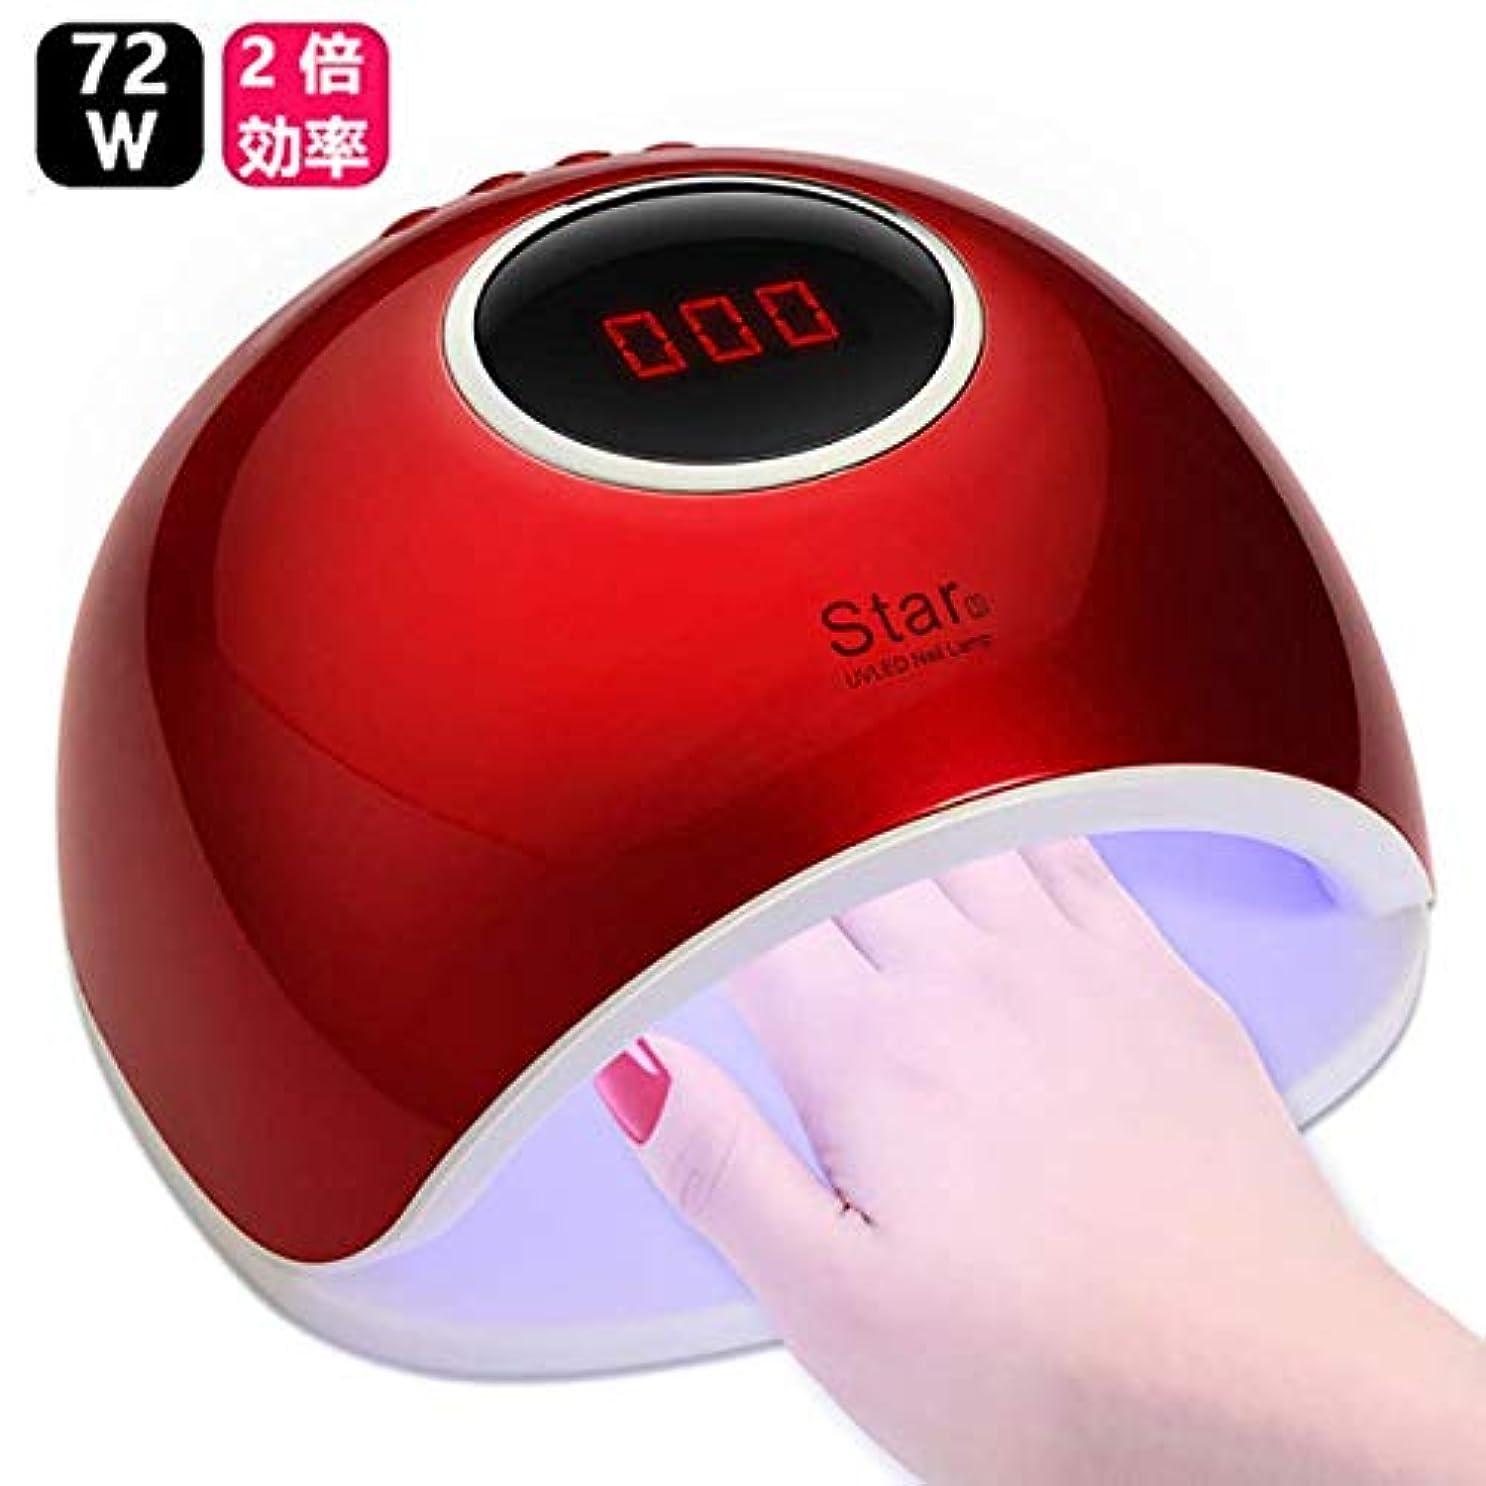 財団超音速役員UV LEDネイルドライヤー 赤外線検知 72W2倍の効率 赤外線美白機能付き マニキュア用 4段階タイマー設定可能 手足兼用 (レッド)